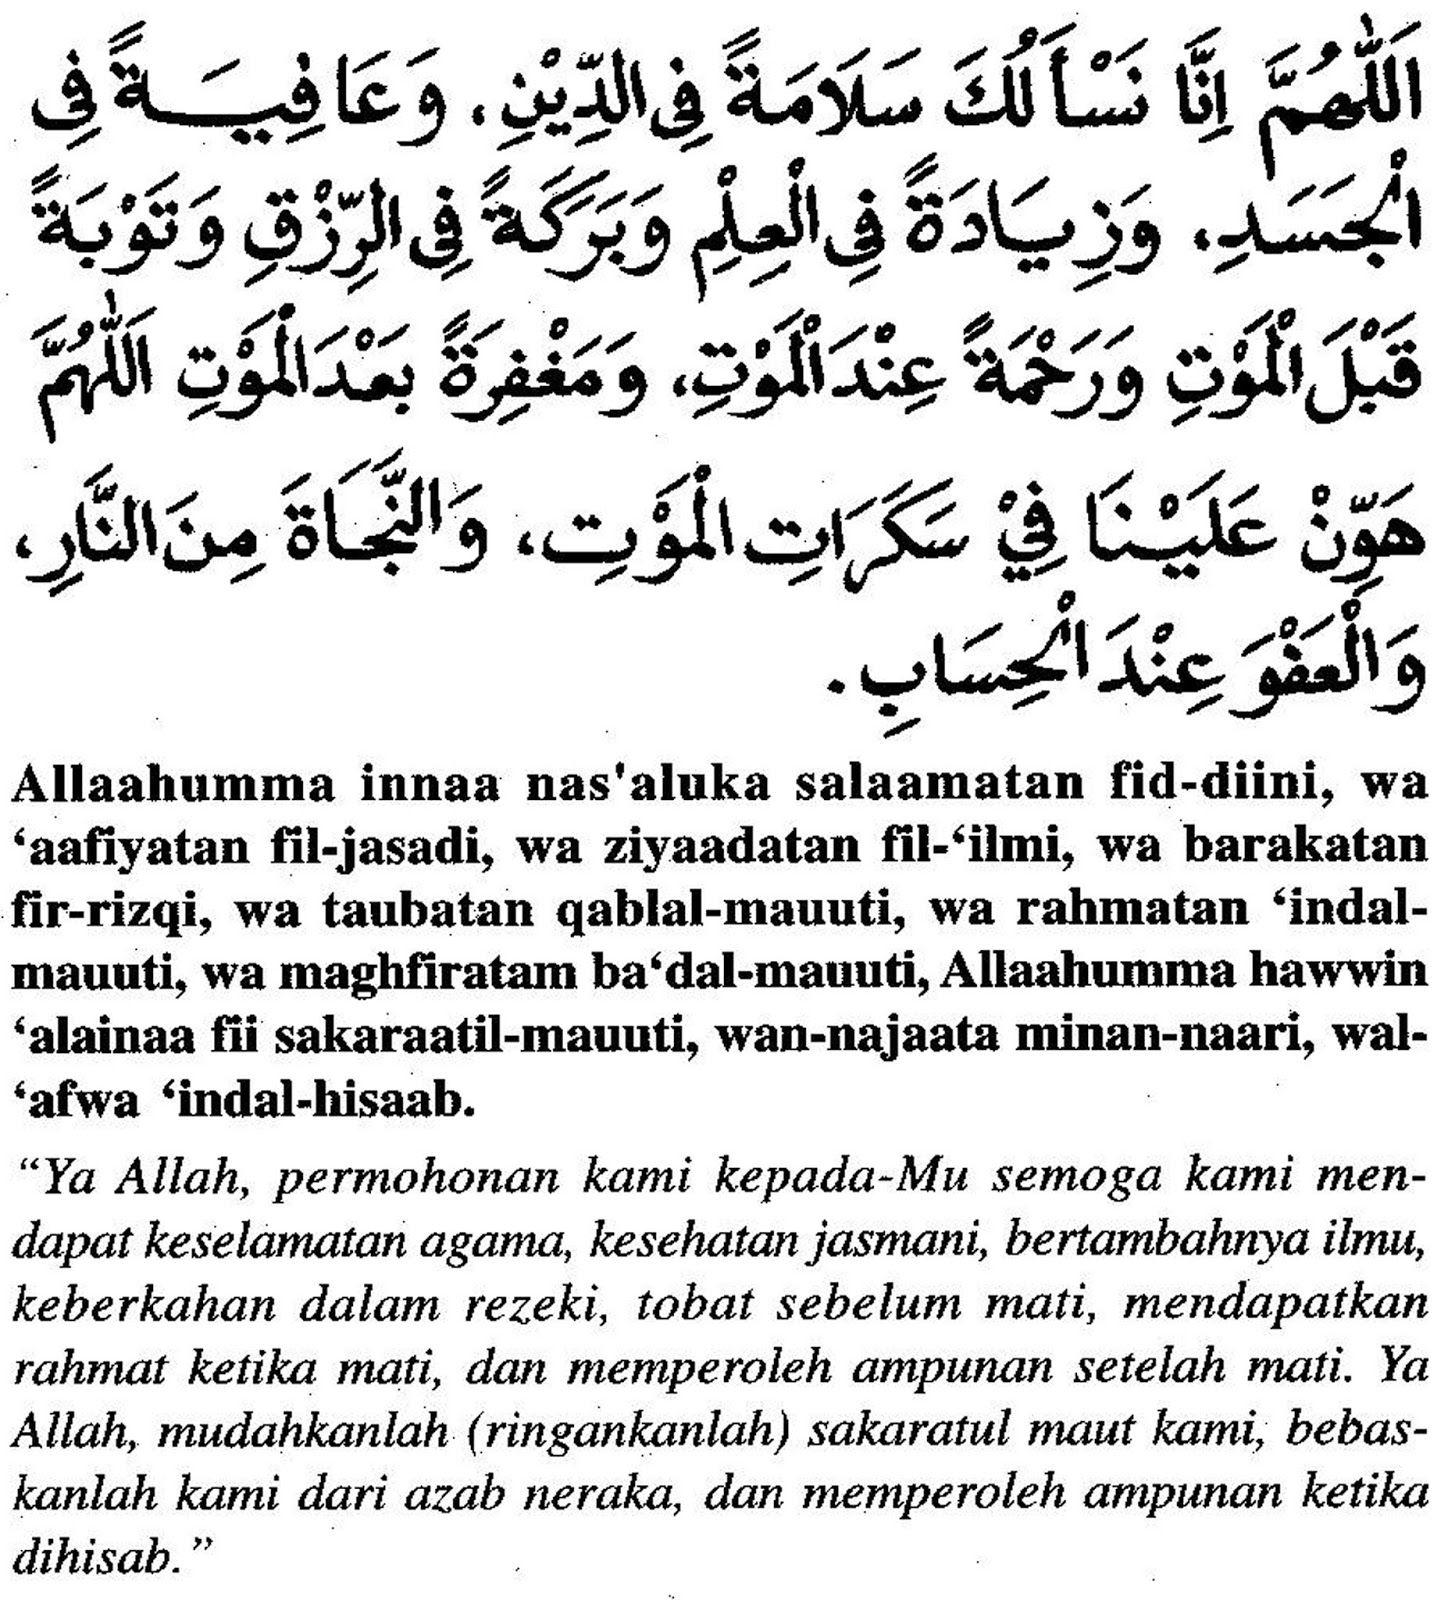 doa-selepas-solat-sembahyang-mustajab-bacaan-Allah-Tuhan-Maha-Esa